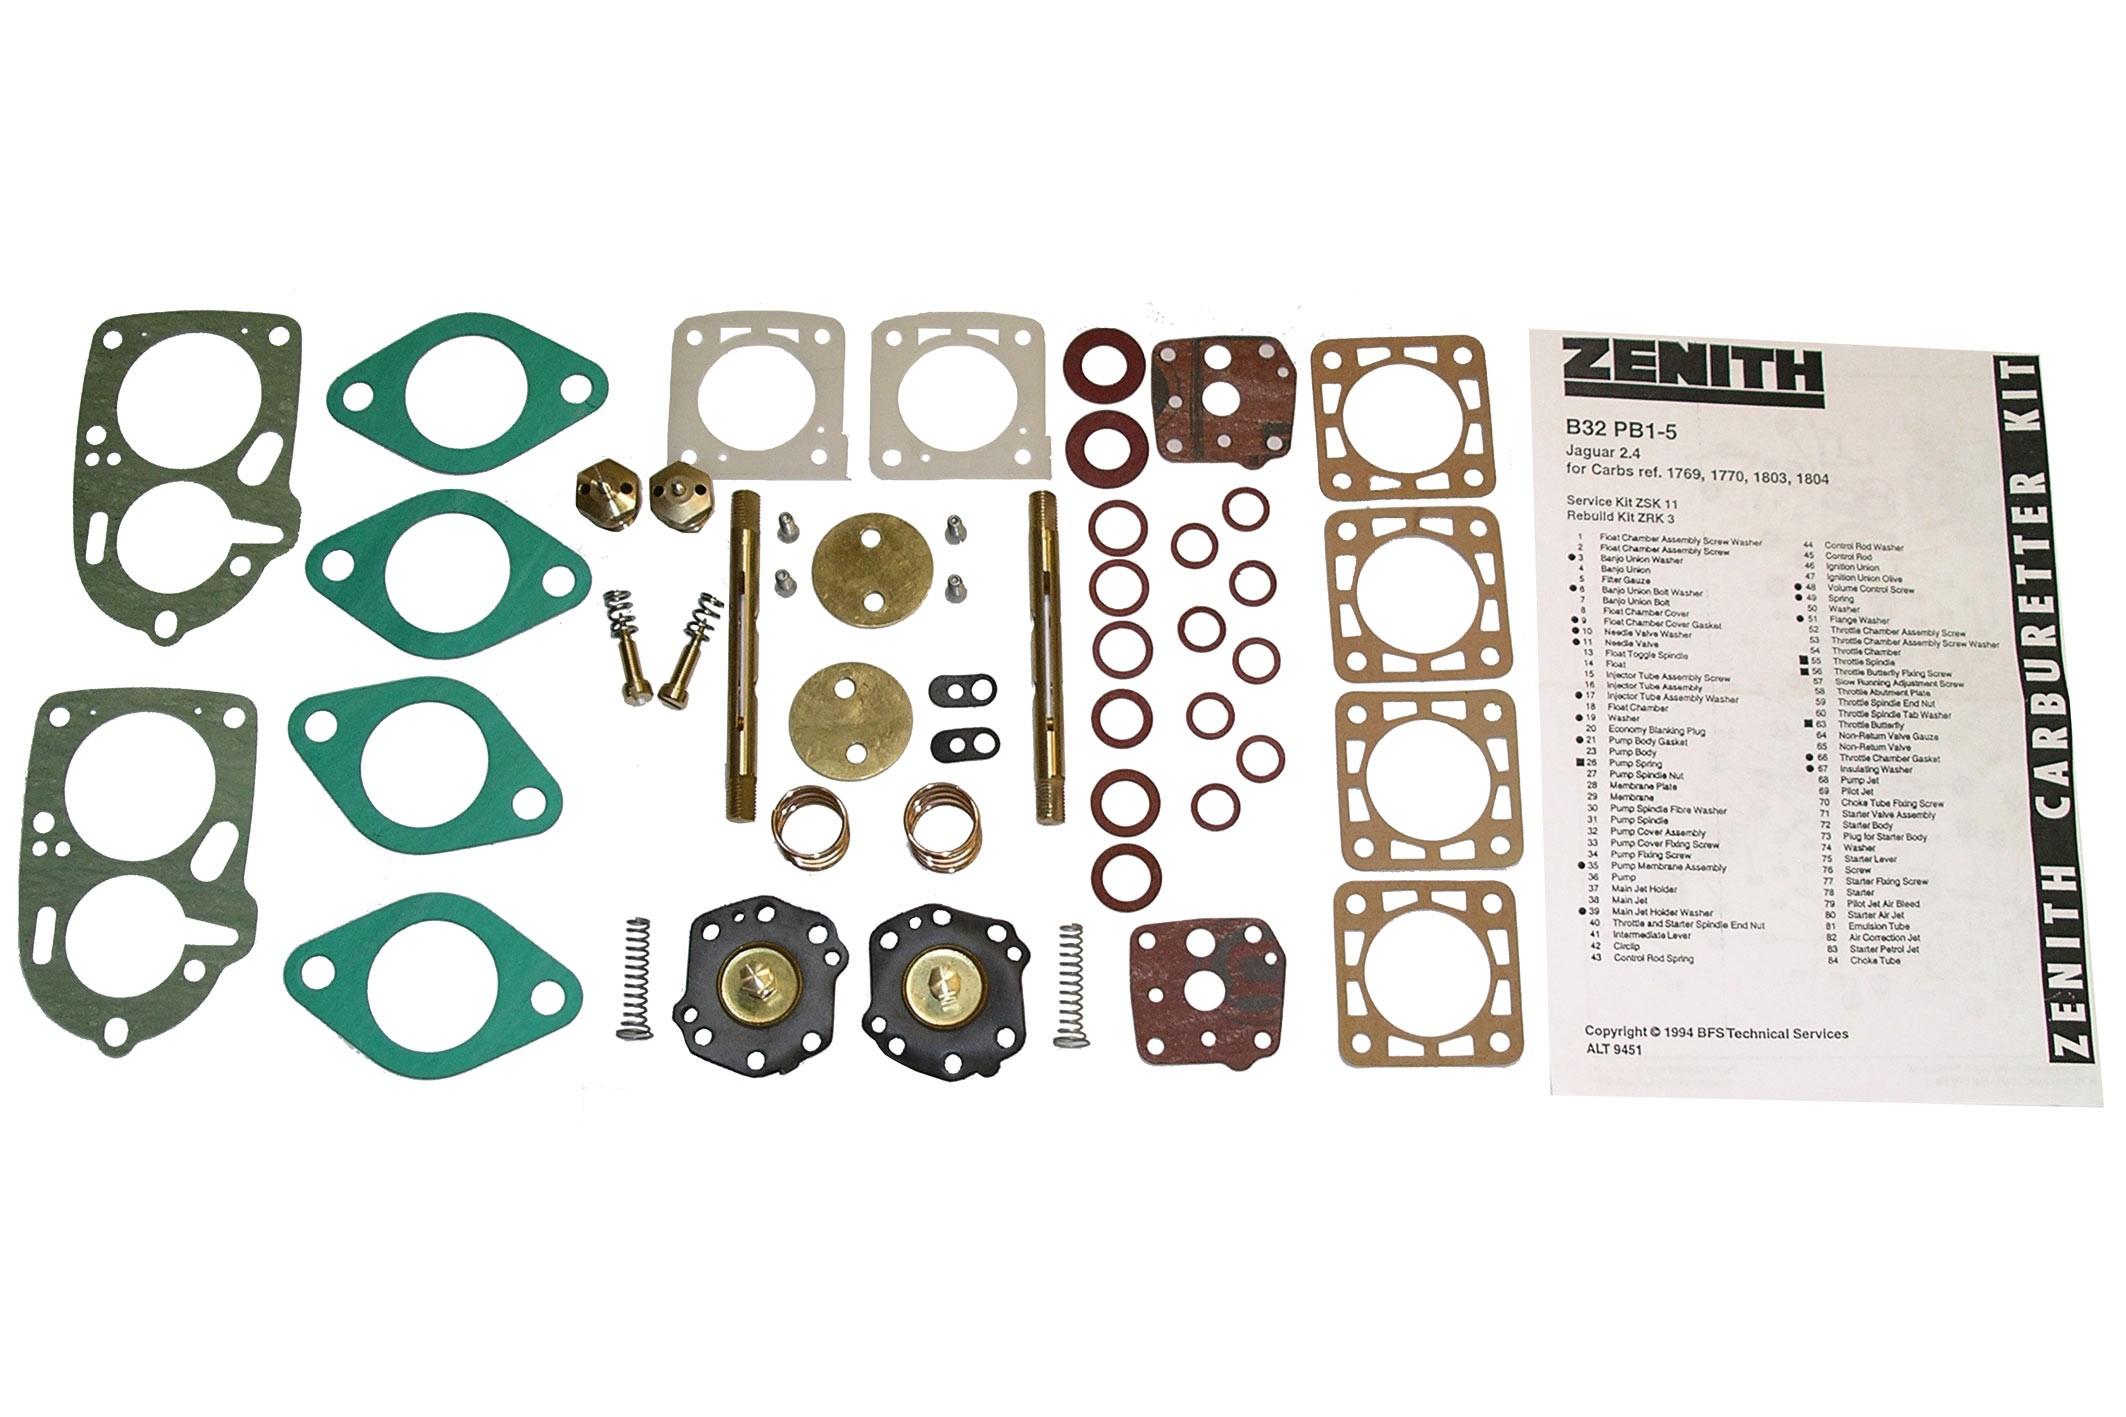 Rebuild Kit for Solex 32-34 Z2 carburetor